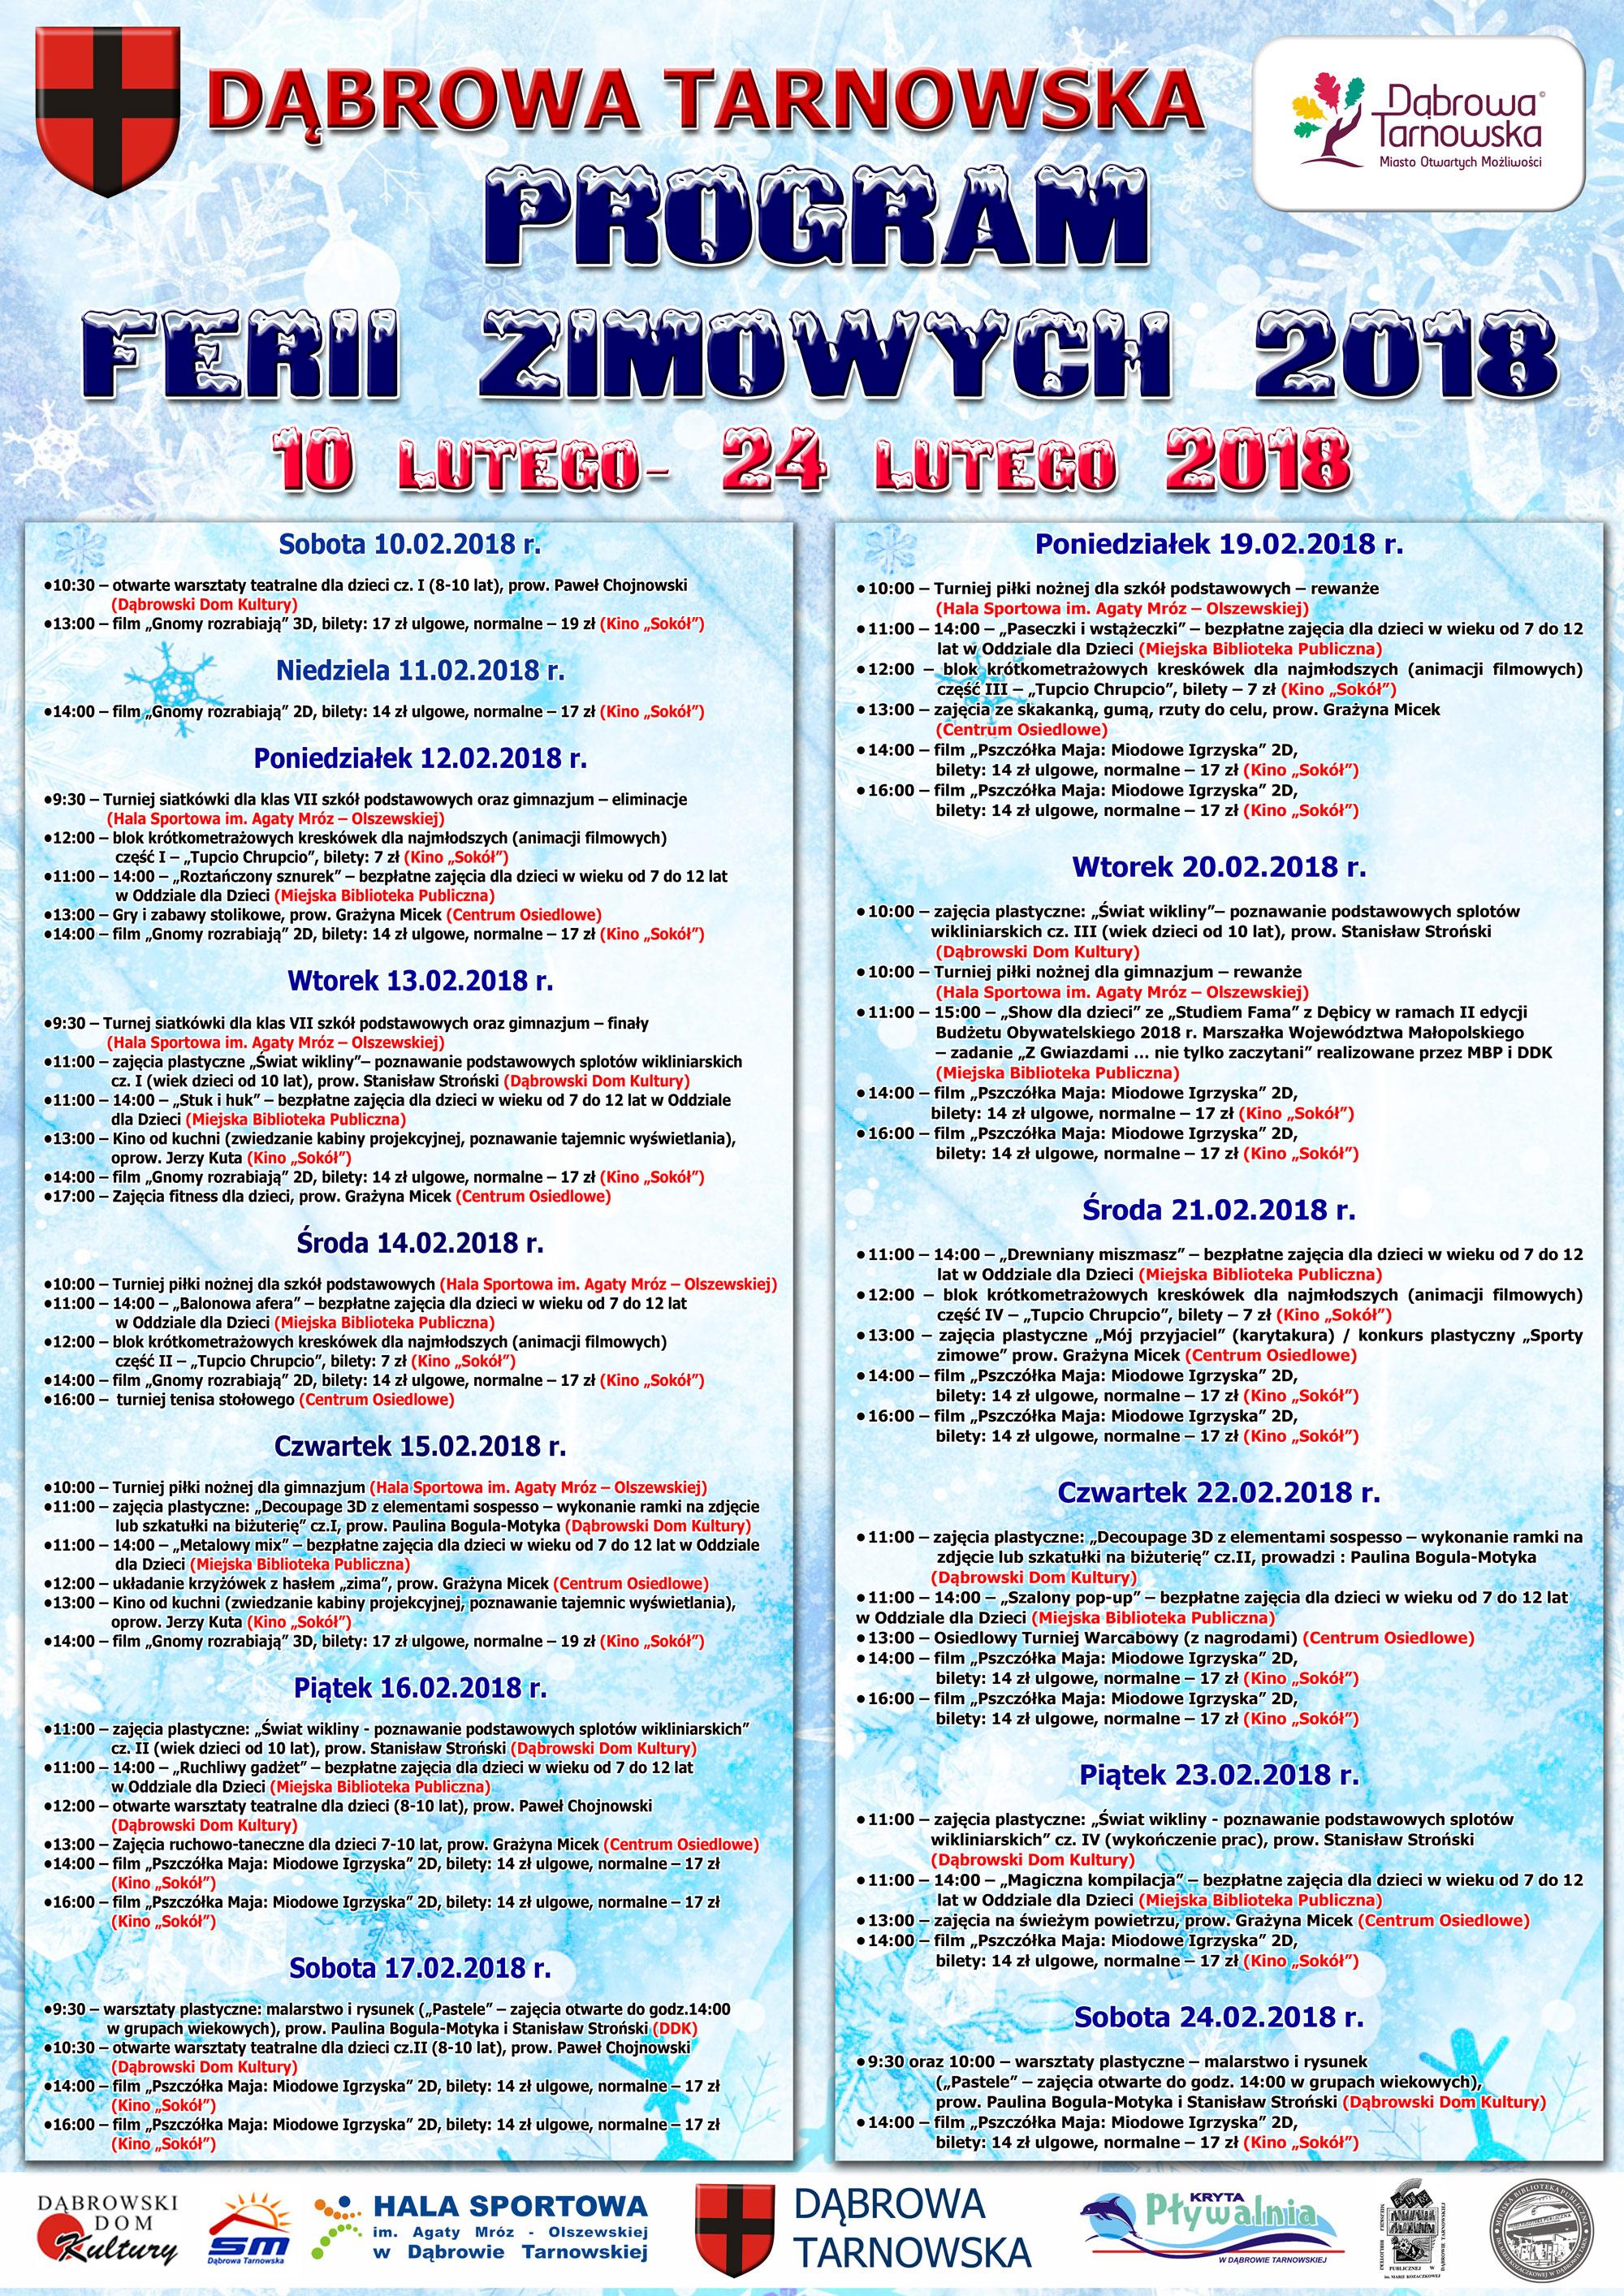 Plakat Ferie2018 Ferie zimowe 2018 w Dąbrowie Tarnowskiej